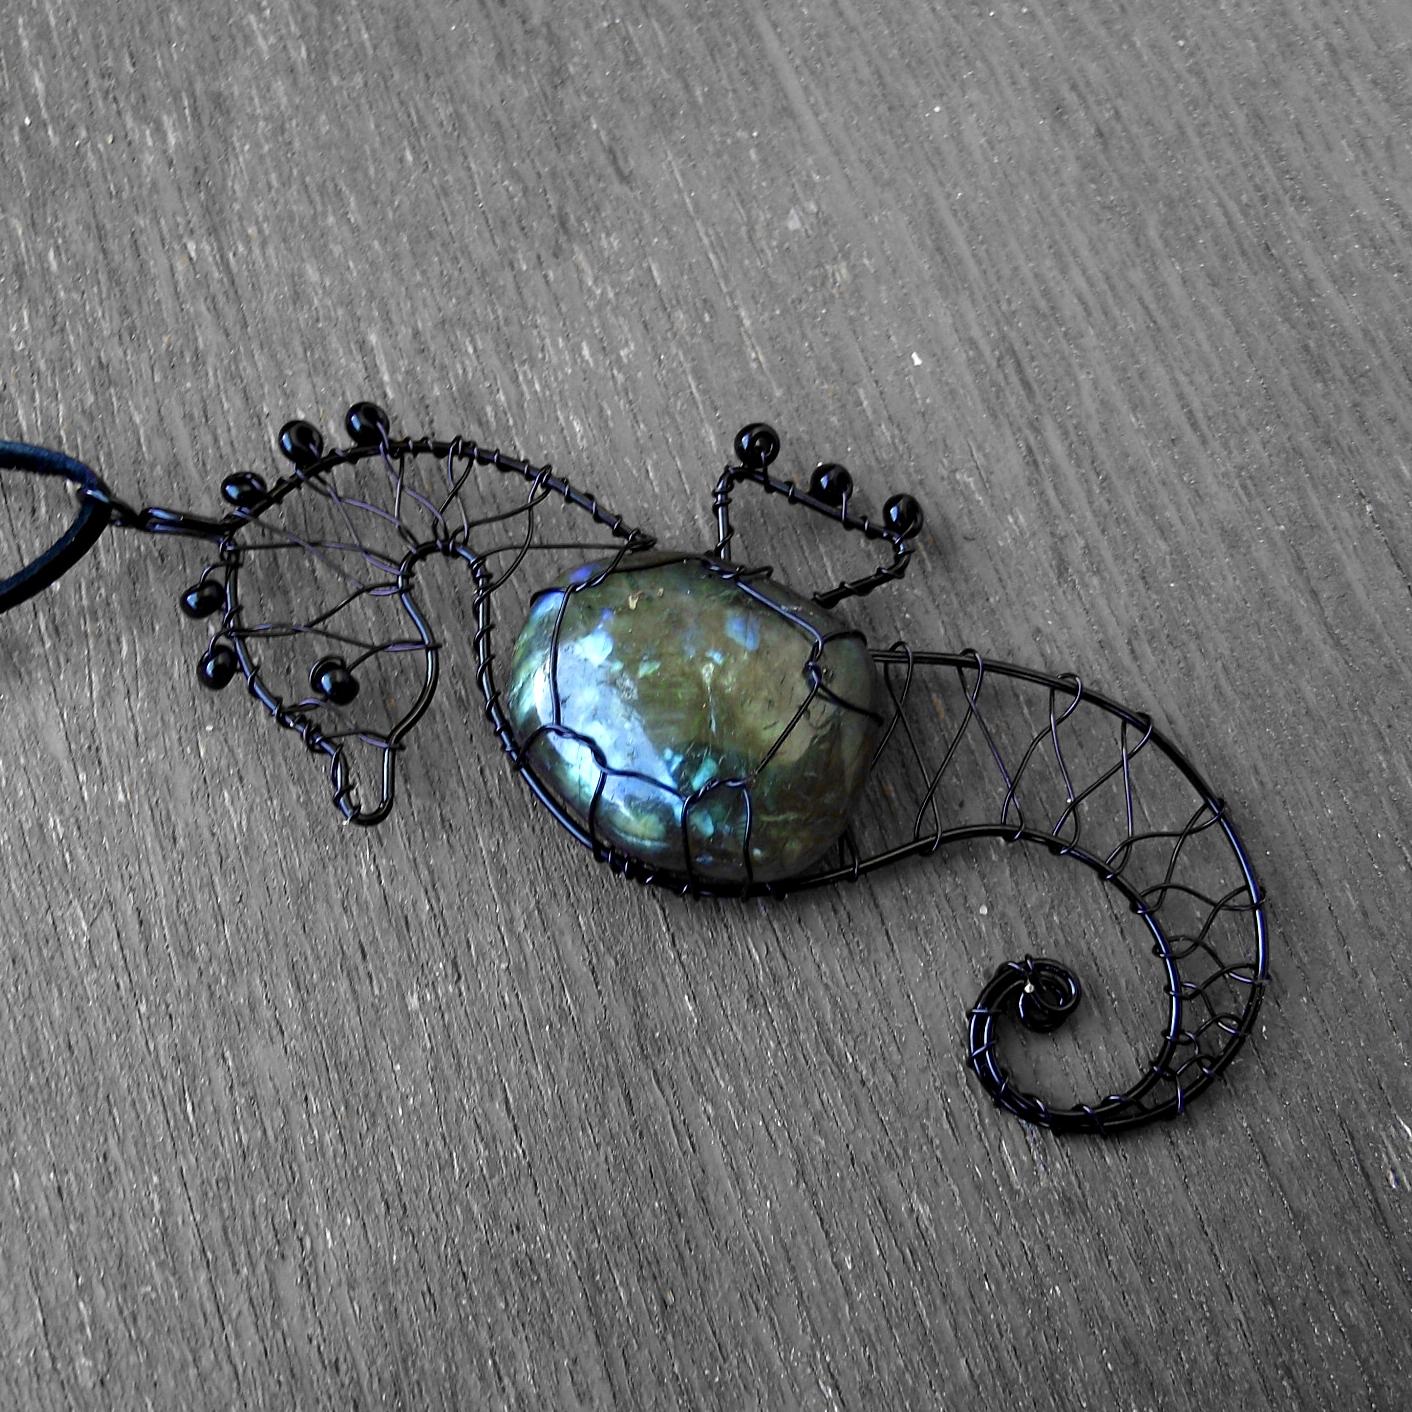 c9aacdb8c6e Black wire jewellery - Šperky z černého drátku